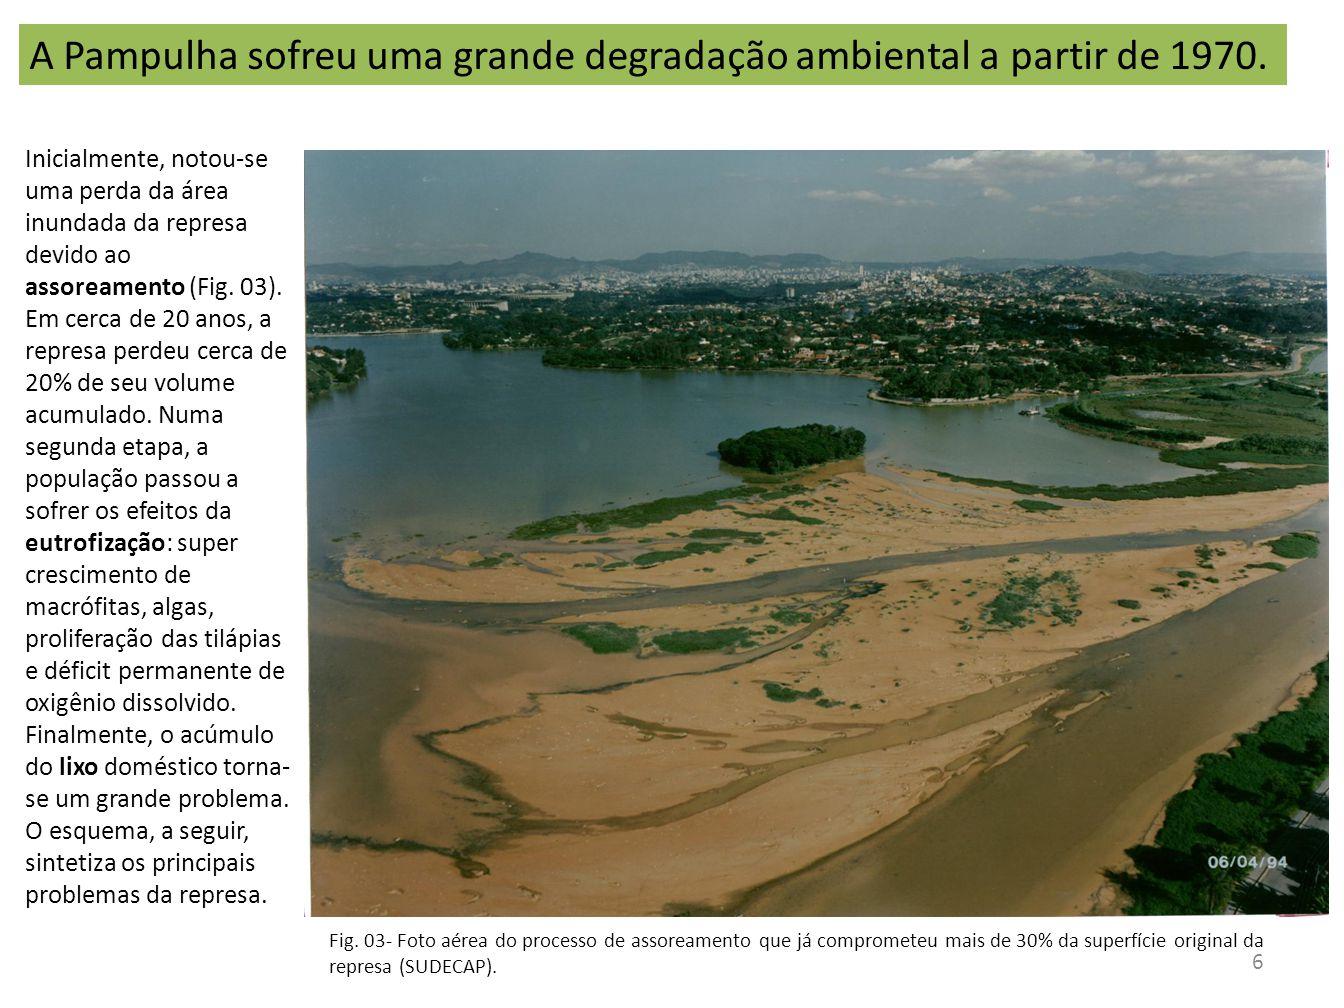 A Pampulha sofreu uma grande degradação ambiental a partir de 1970.